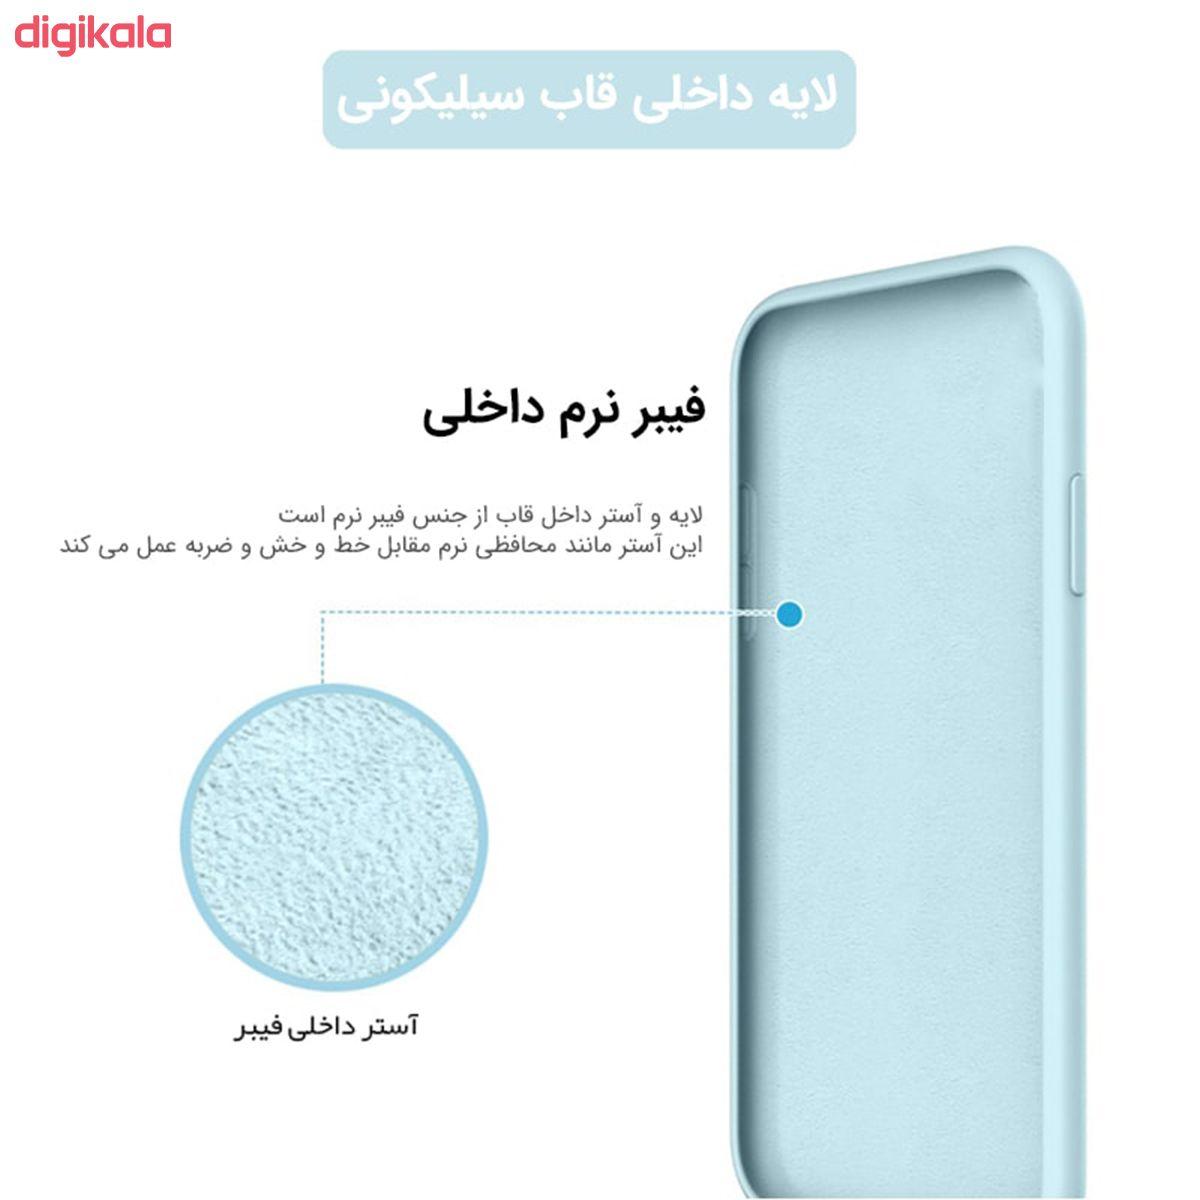 کاور مدل PHSIILK مناسب برای گوشی موبایل سامسونگ Galaxy S20 FE main 1 9